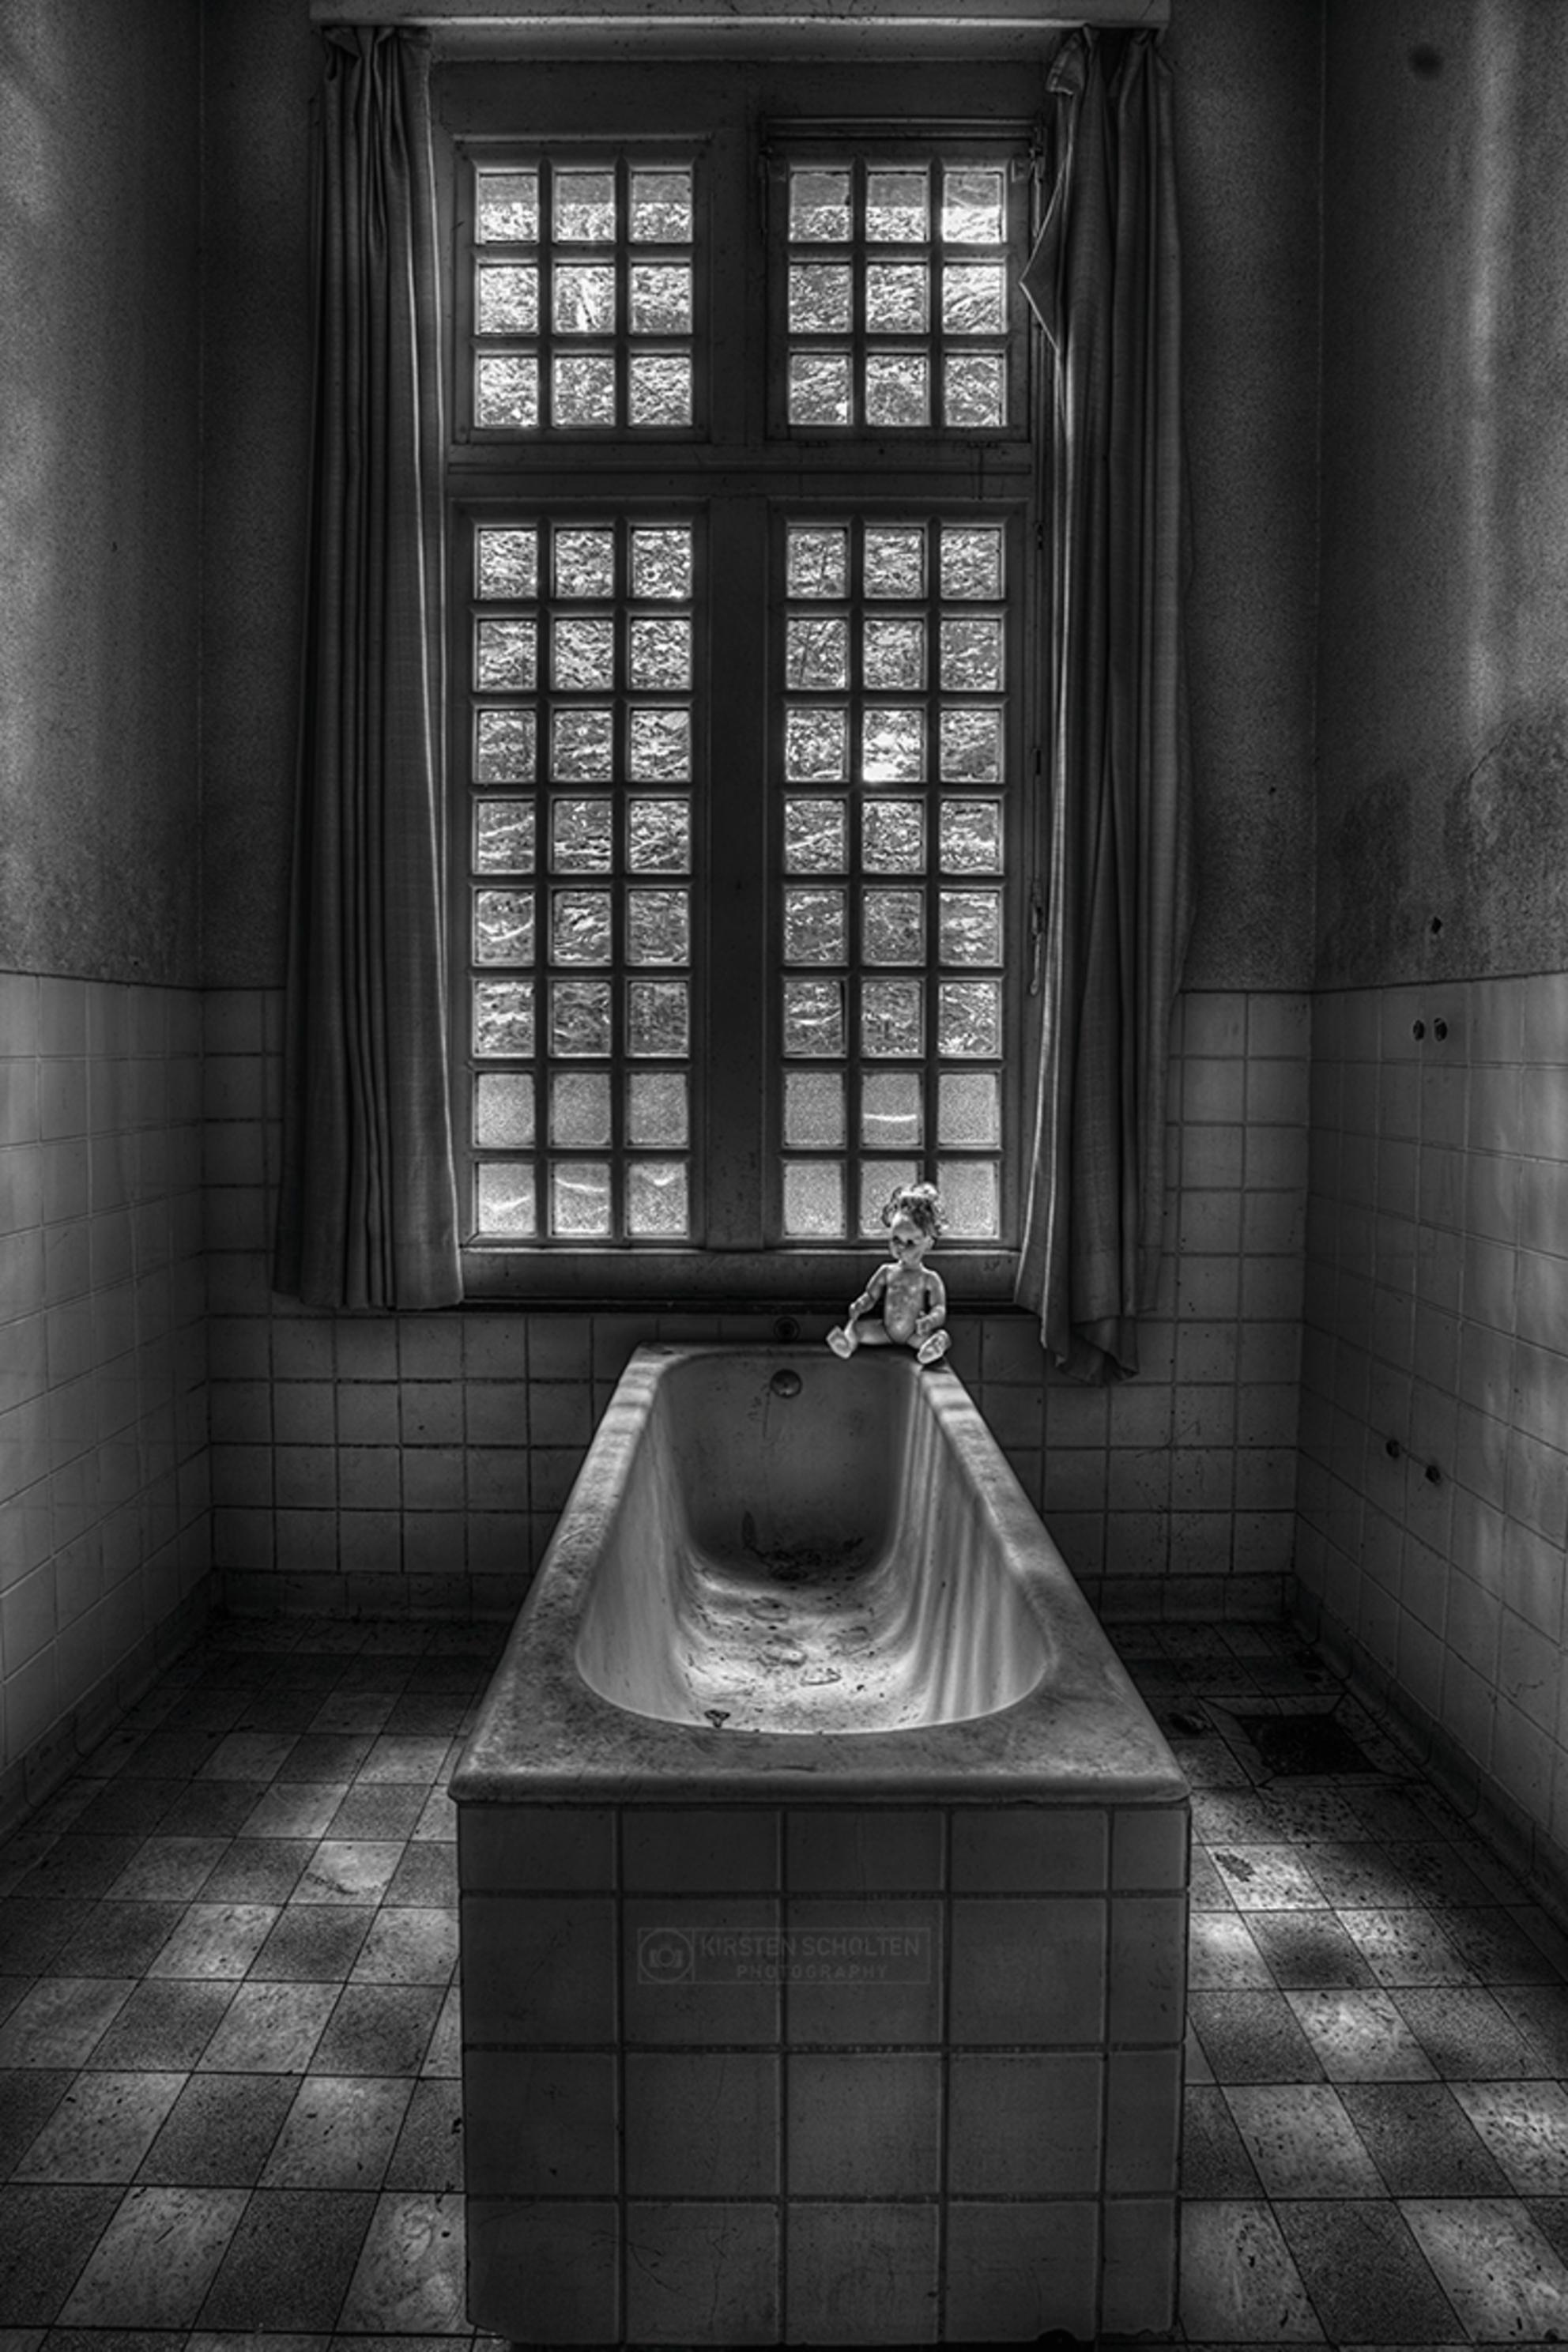 Take a Bath - Take a Bath - foto door kirstenscholten op 03-04-2018 - deze foto bevat: verlaten, urbex, urban exploring - Deze foto mag gebruikt worden in een Zoom.nl publicatie